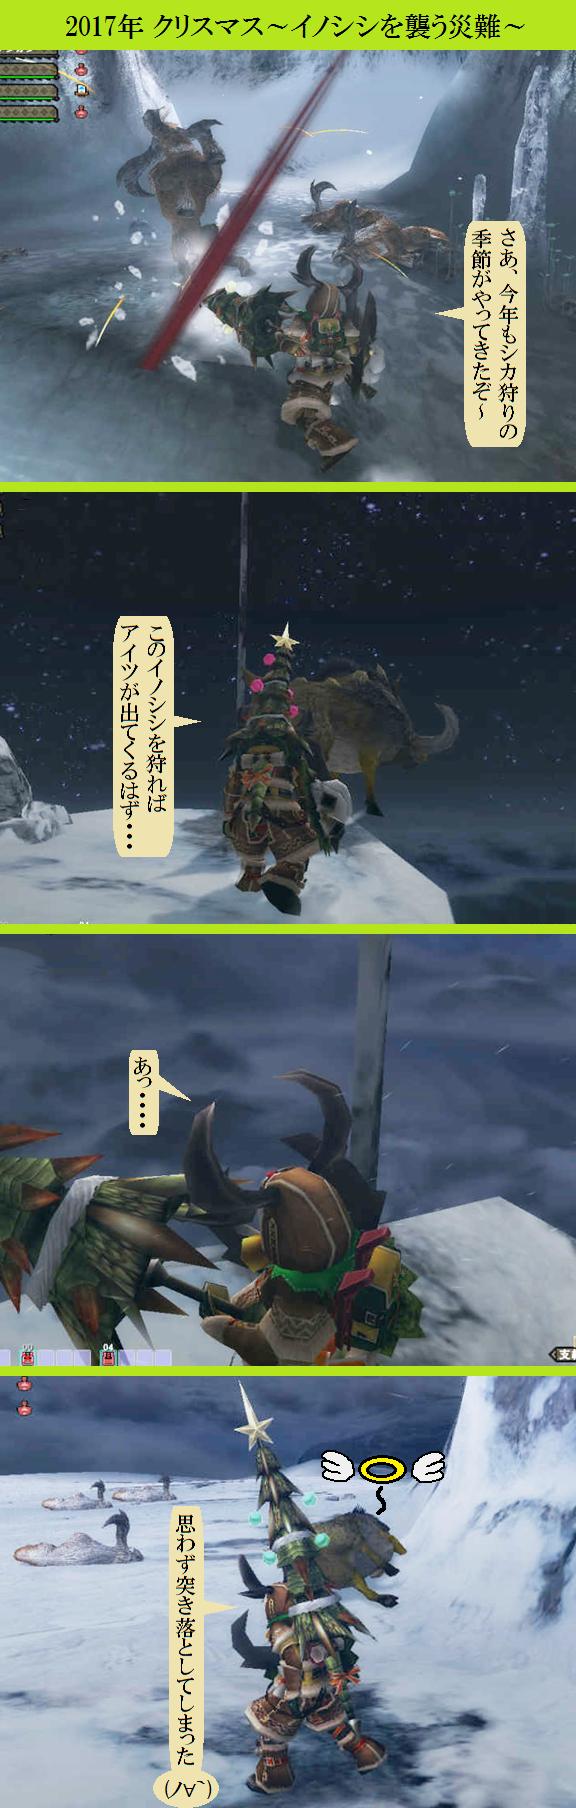 20171231 「2017年 クリスマス~イノシシを襲う災難~」